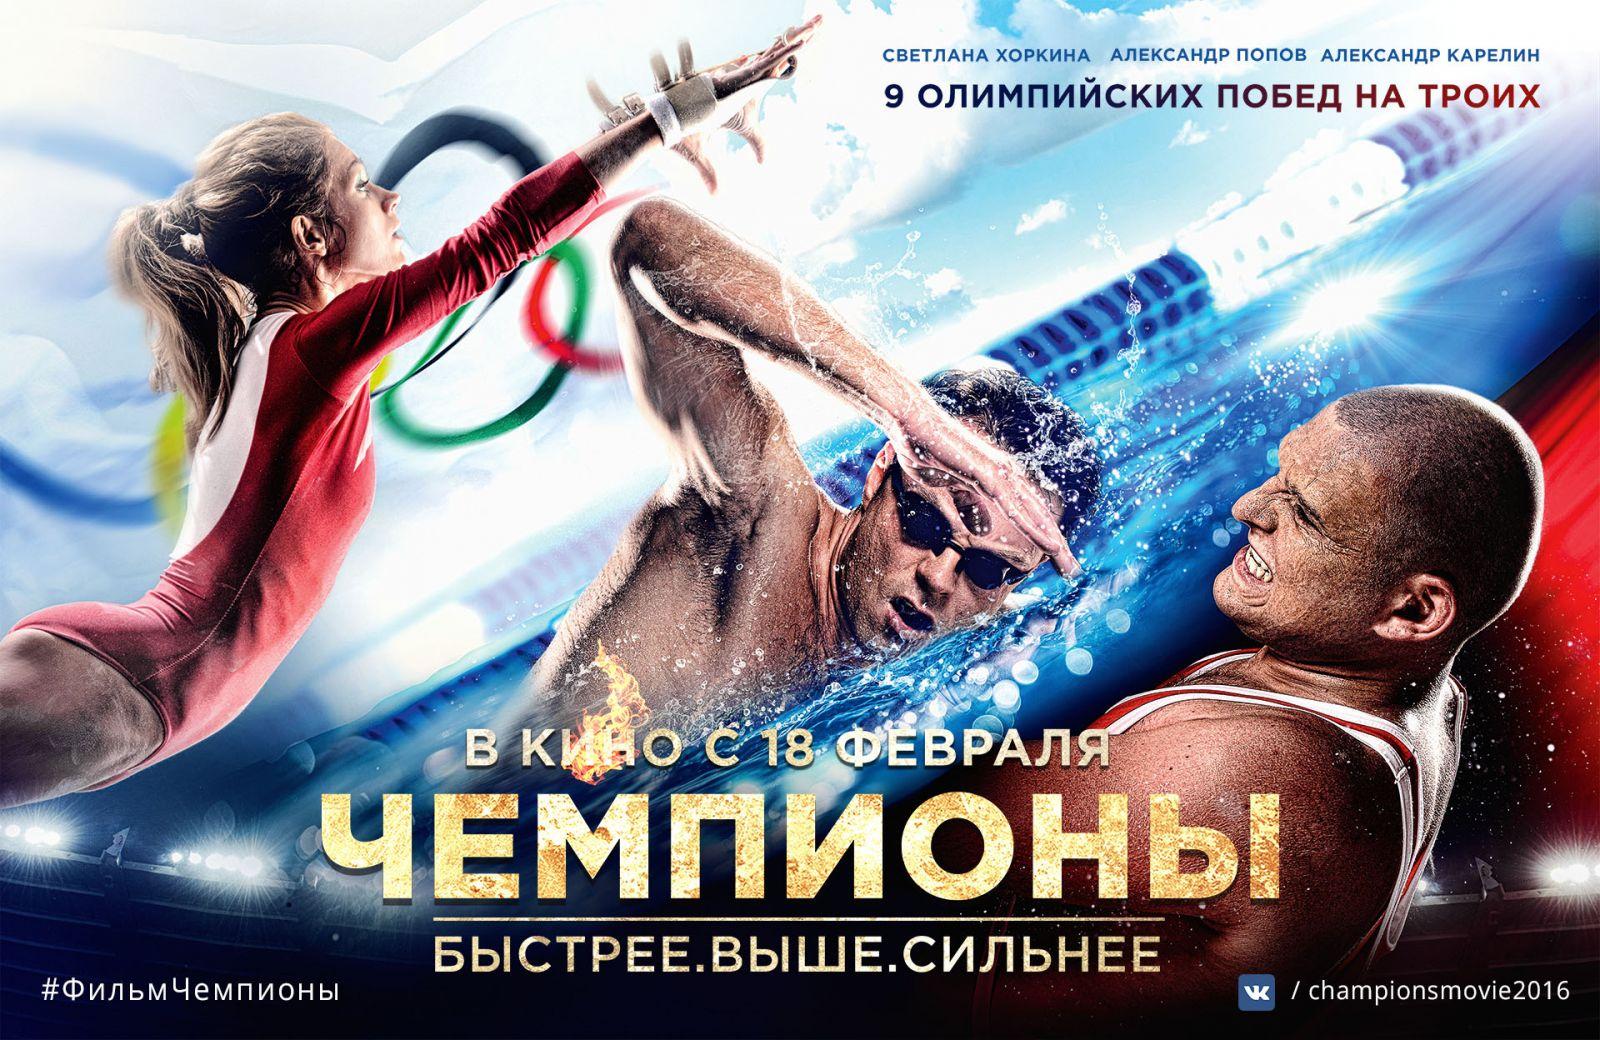 через торрент скачать российские фильмы и сериалы